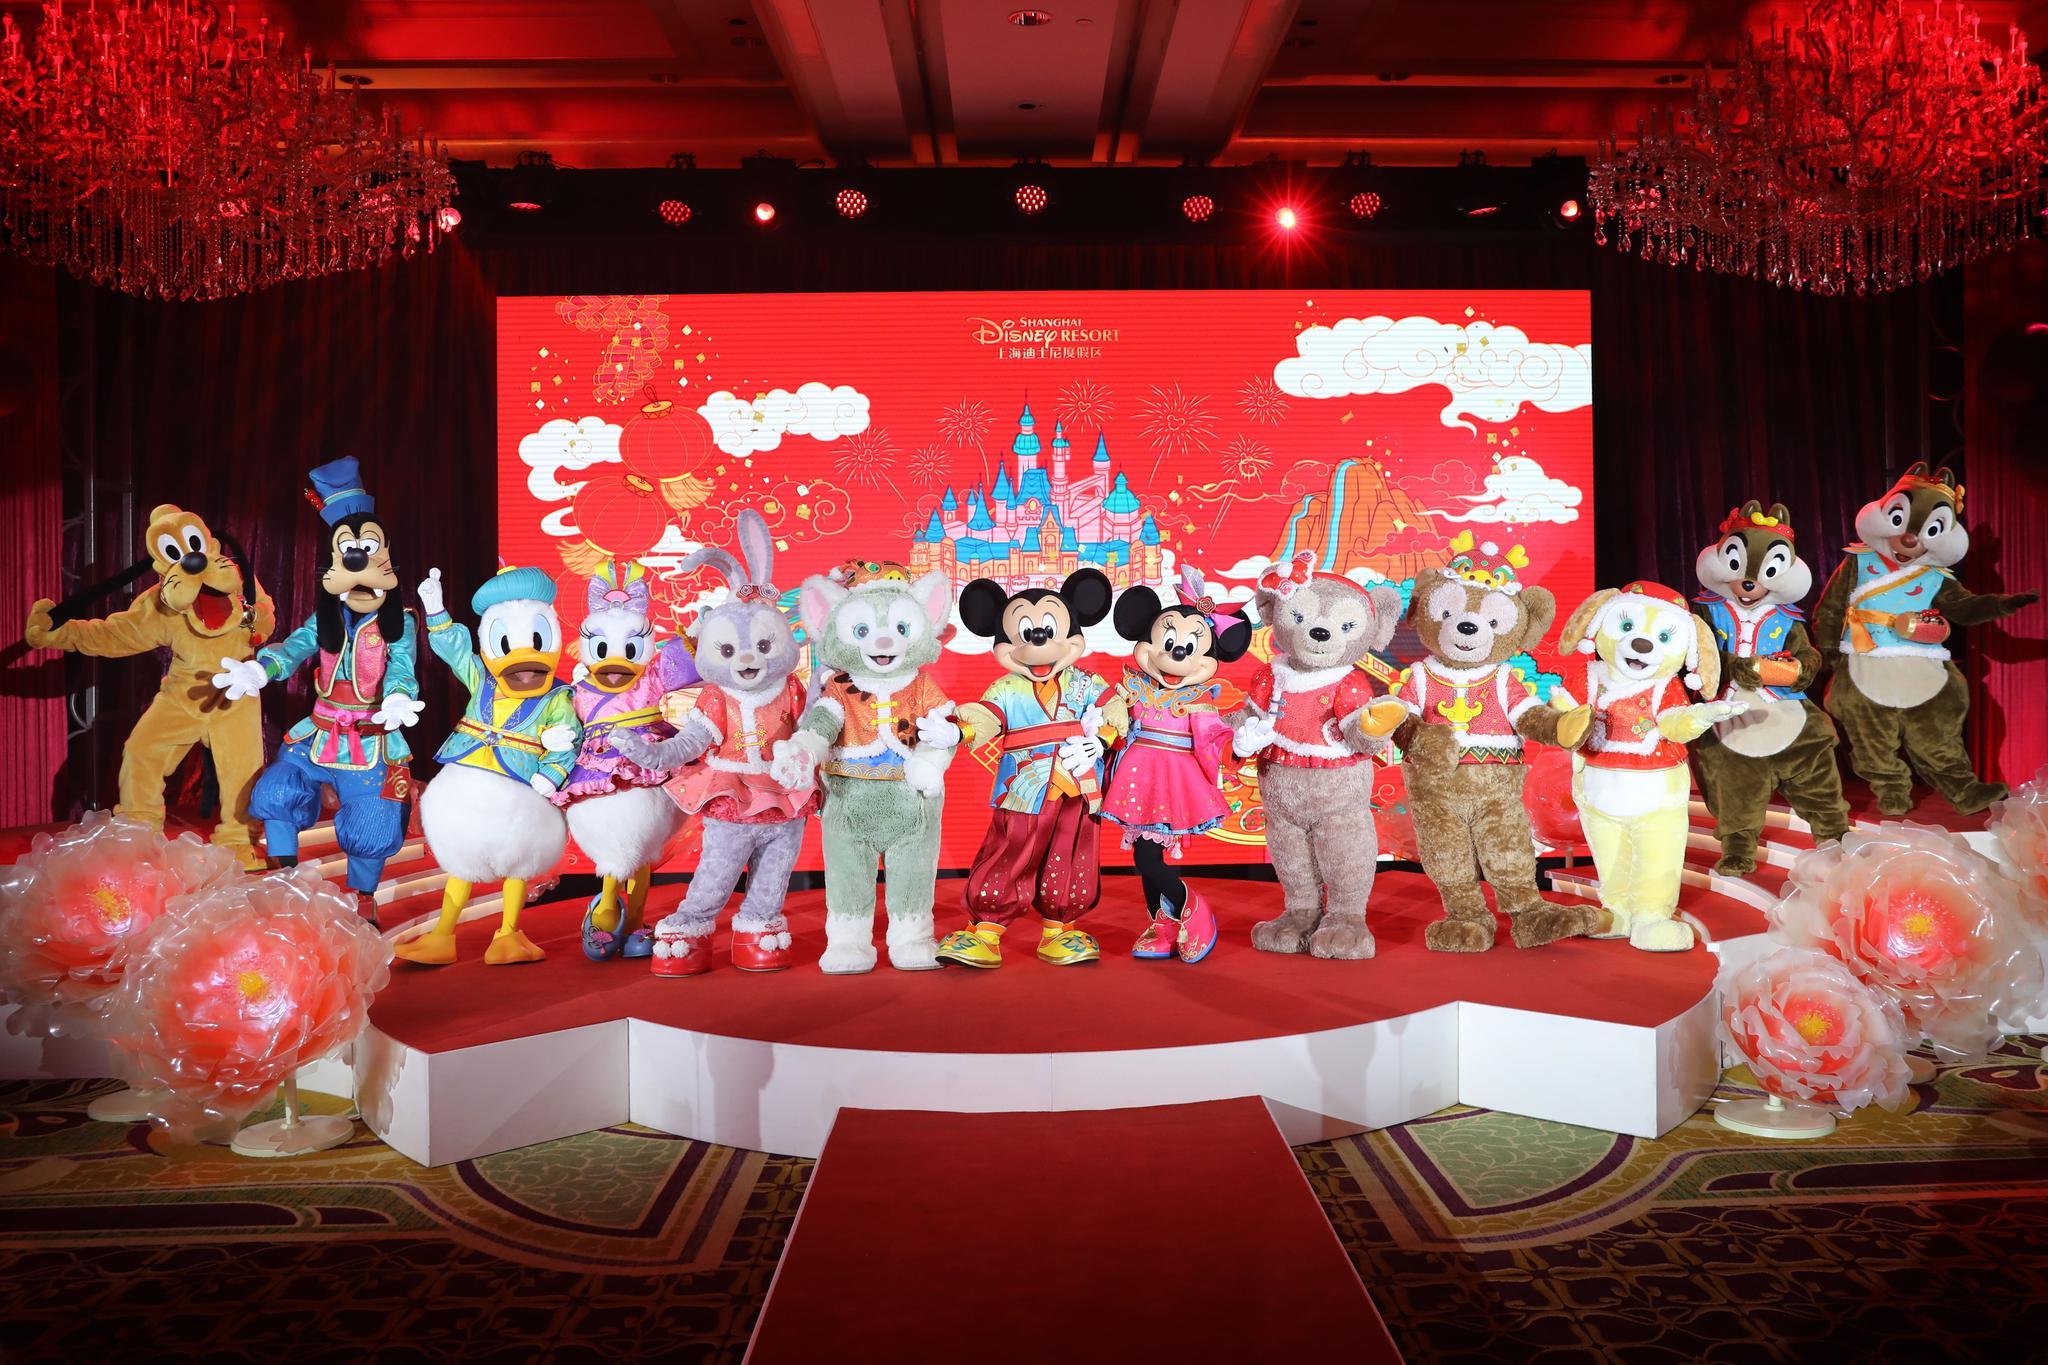 上海迪士尼推出春节主题活动,米奇米妮换新装